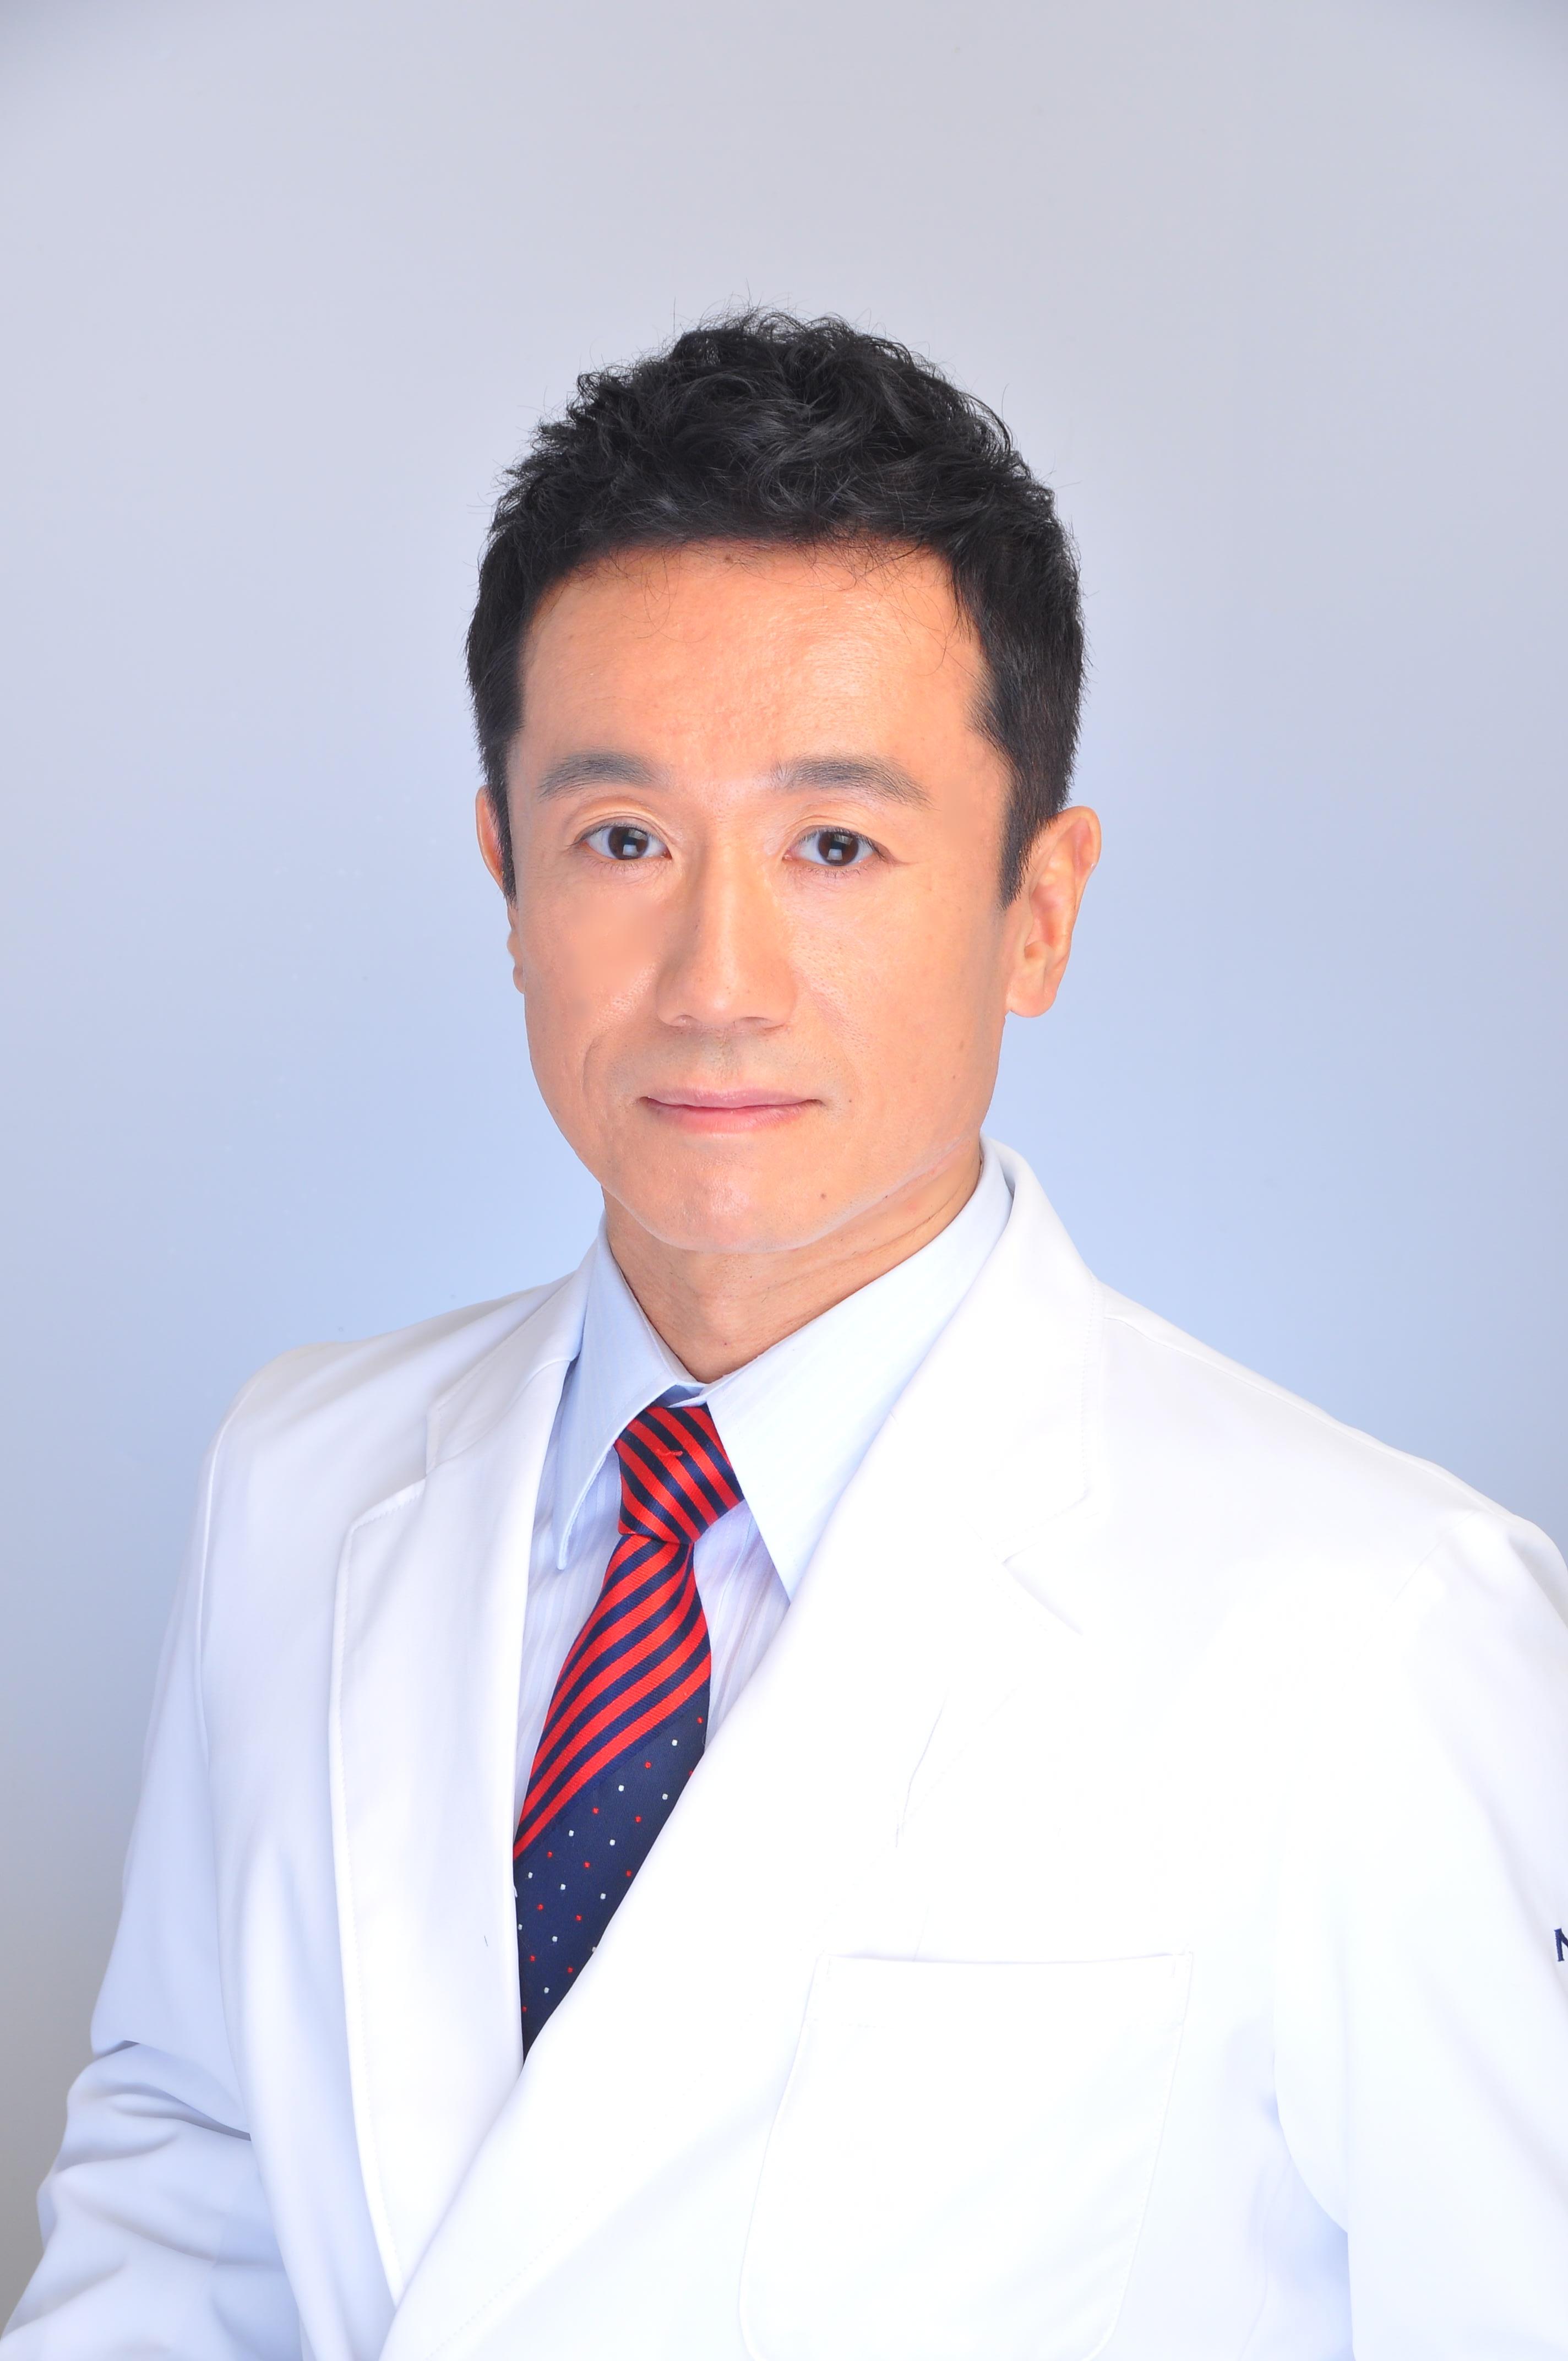 外科 名医 心臓